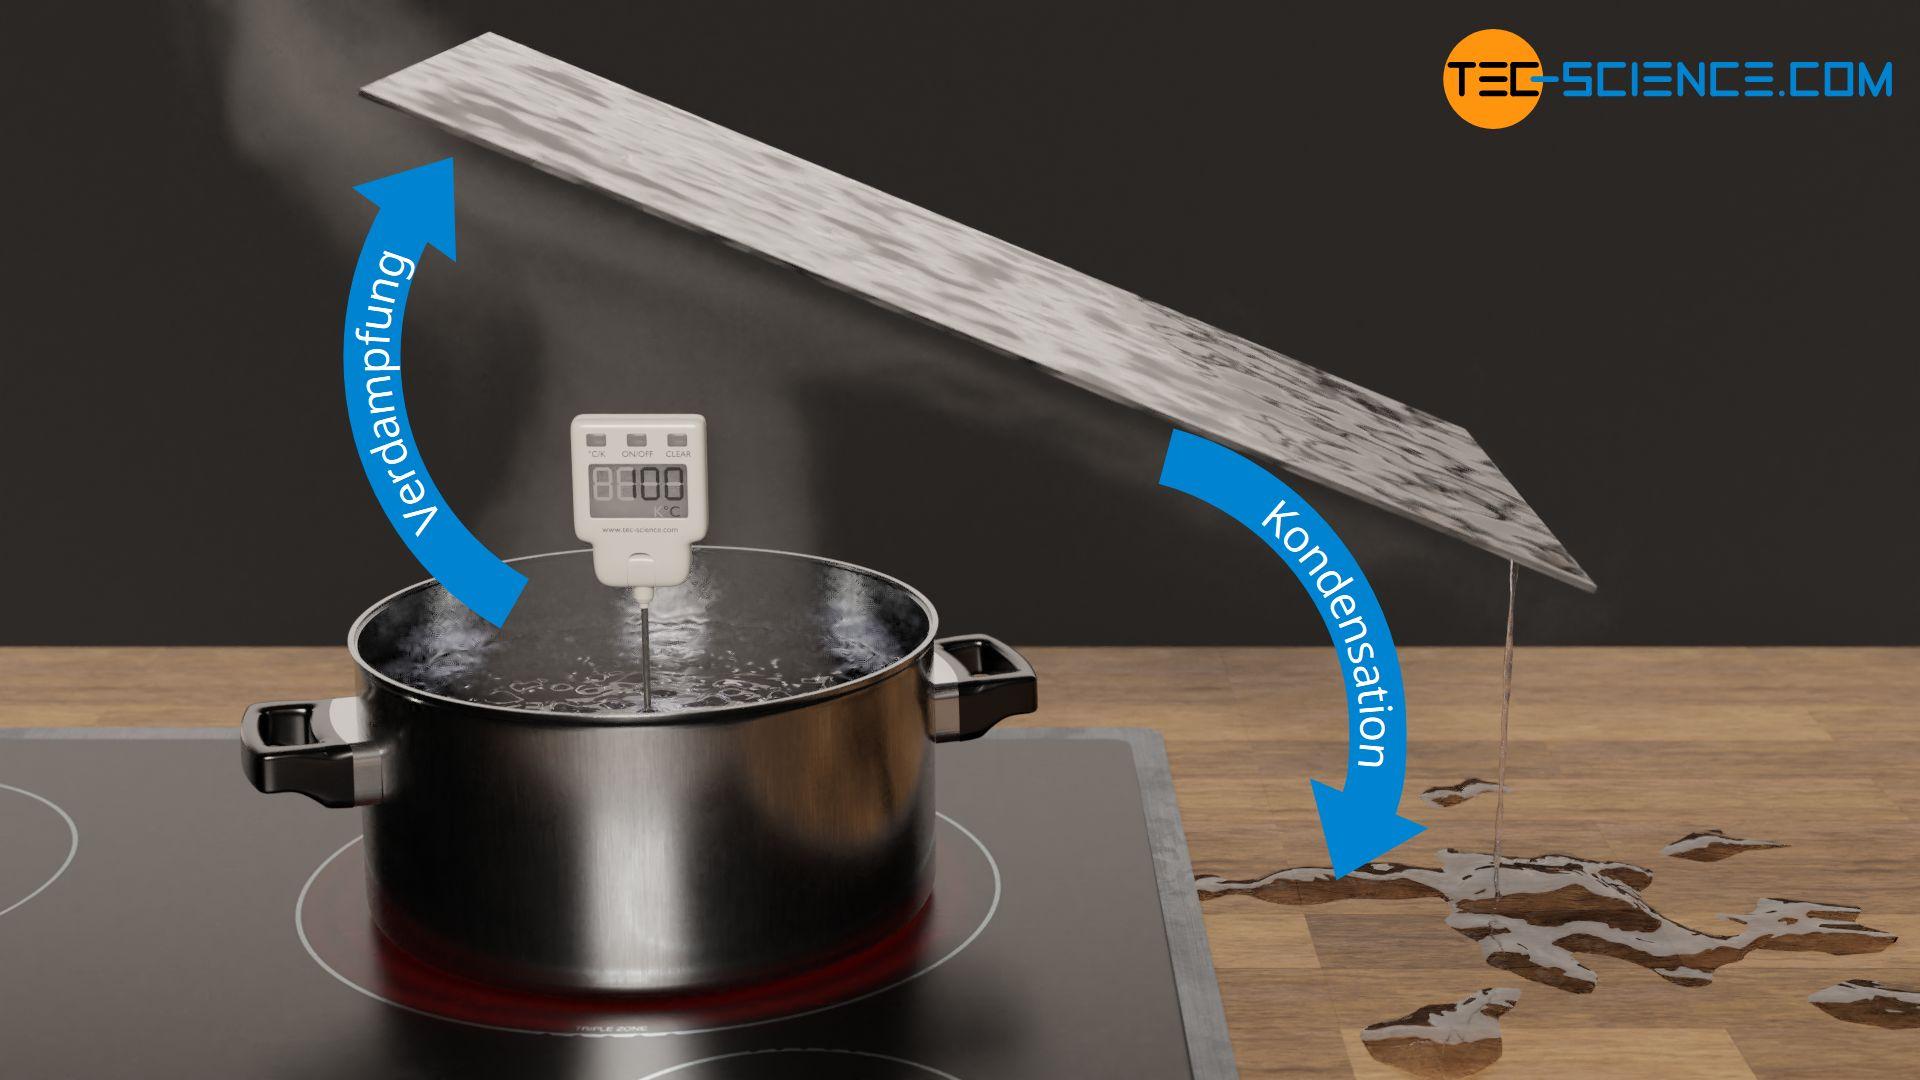 Verdampfen und Kondensieren am Beispiel von kochendem Wasser auf einer Herdplatte